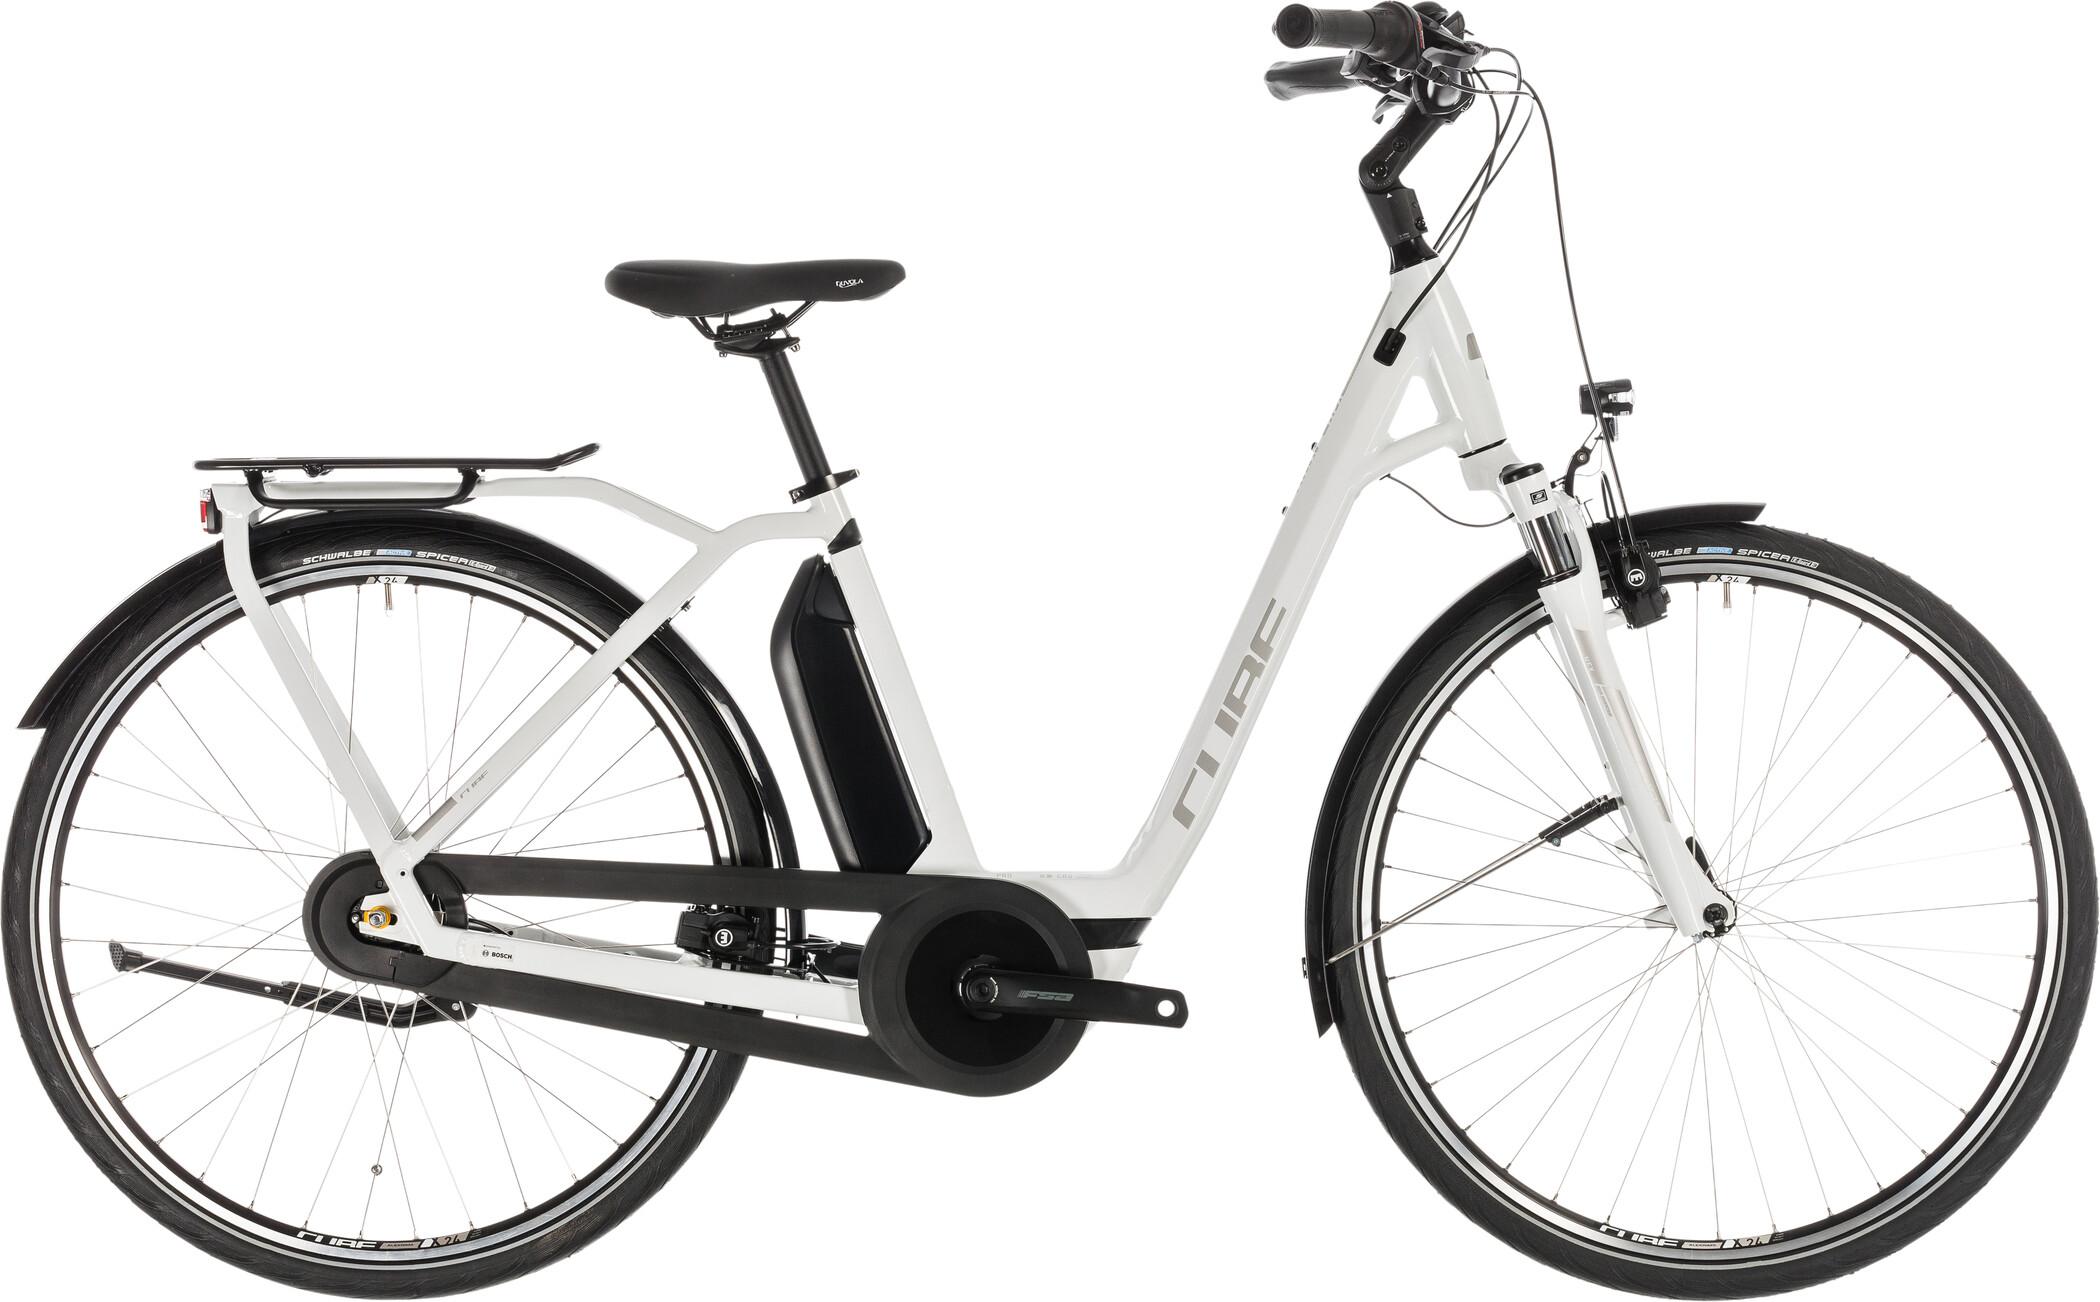 https://www bikester se/trelock-bc-460-cykellas-85-cm-roed